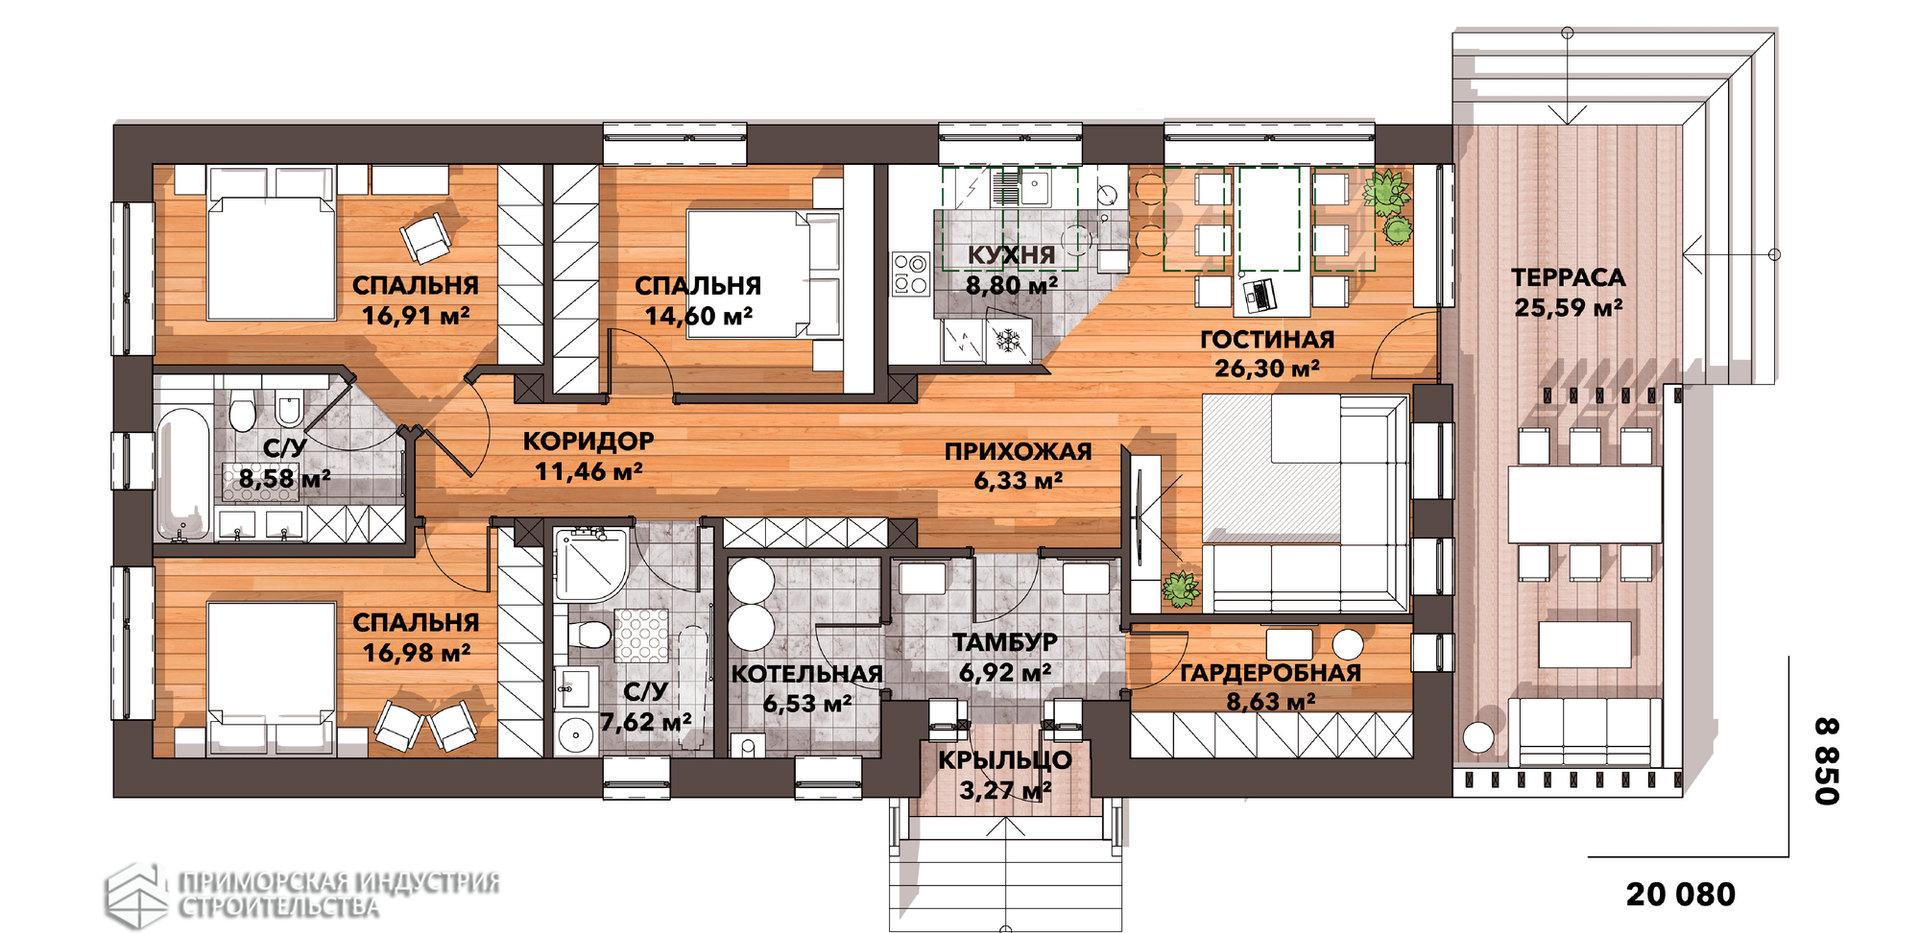 Планировка одноэтажного дома BR-031